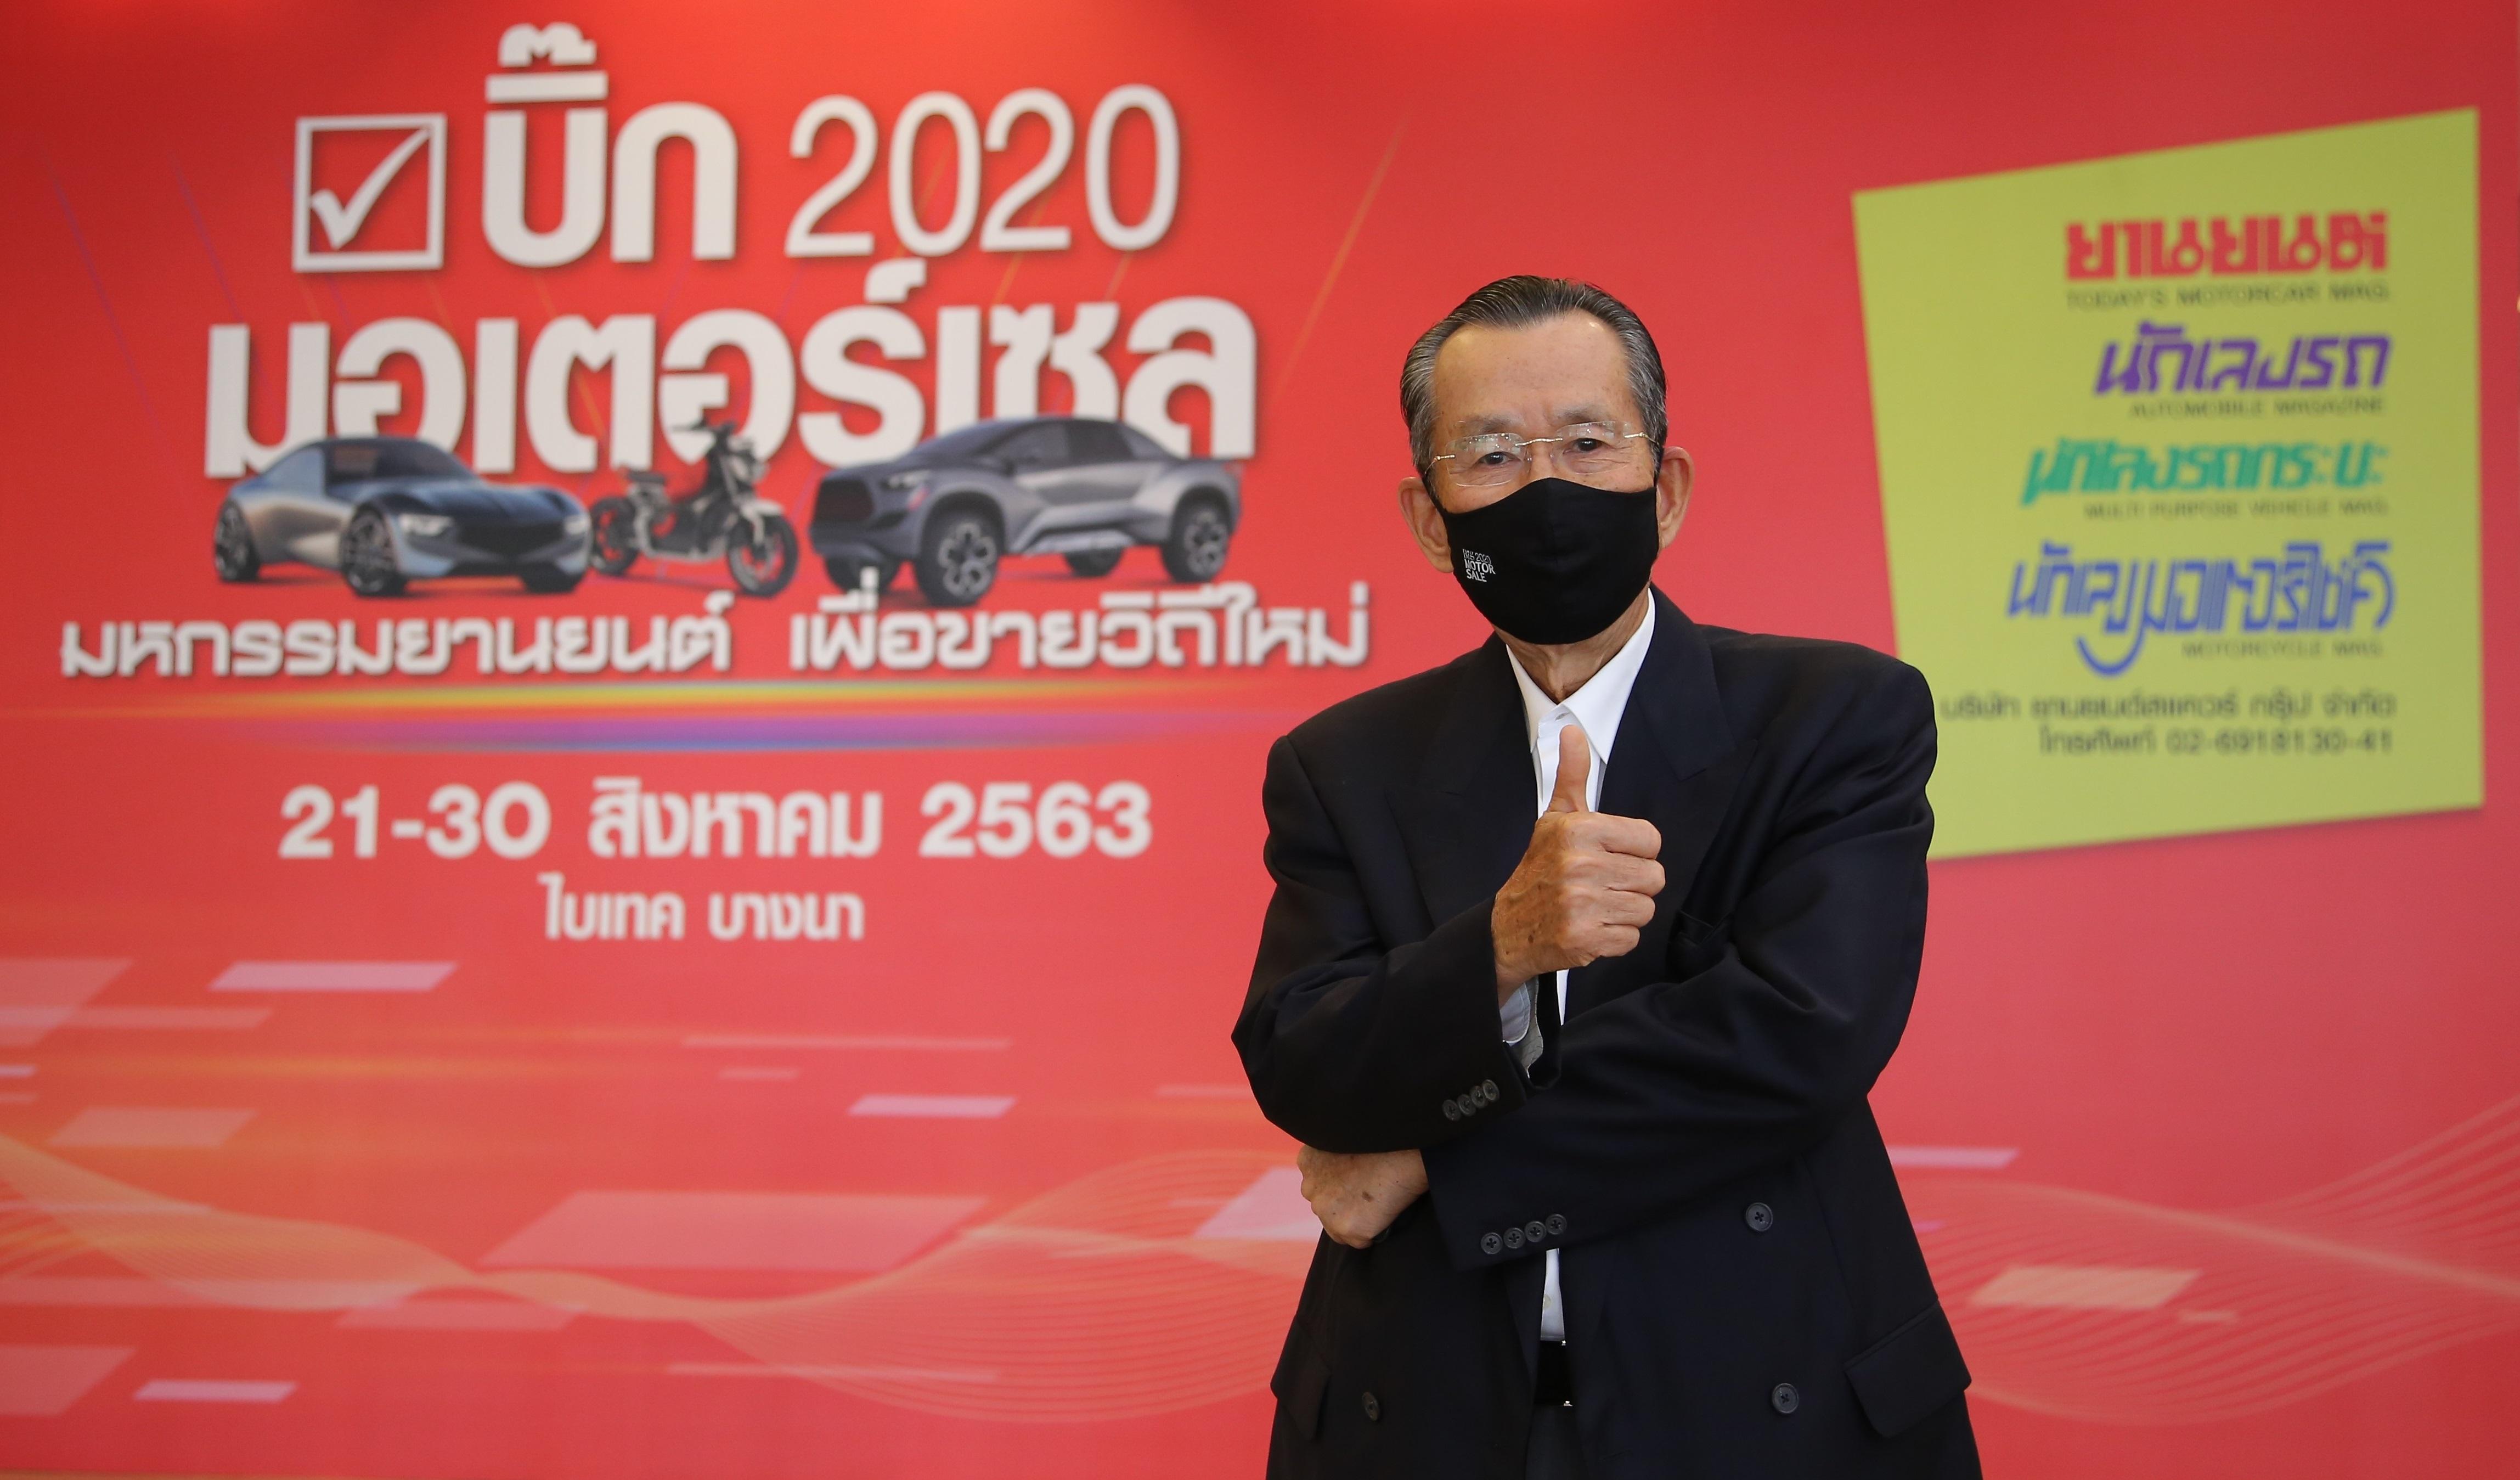 """บิ๊กยานยนต์มั่นใจ """"Big Motor Sale 2020"""" กระตุ้นเศรษฐกิจไทยให้ฟื้นตัว"""